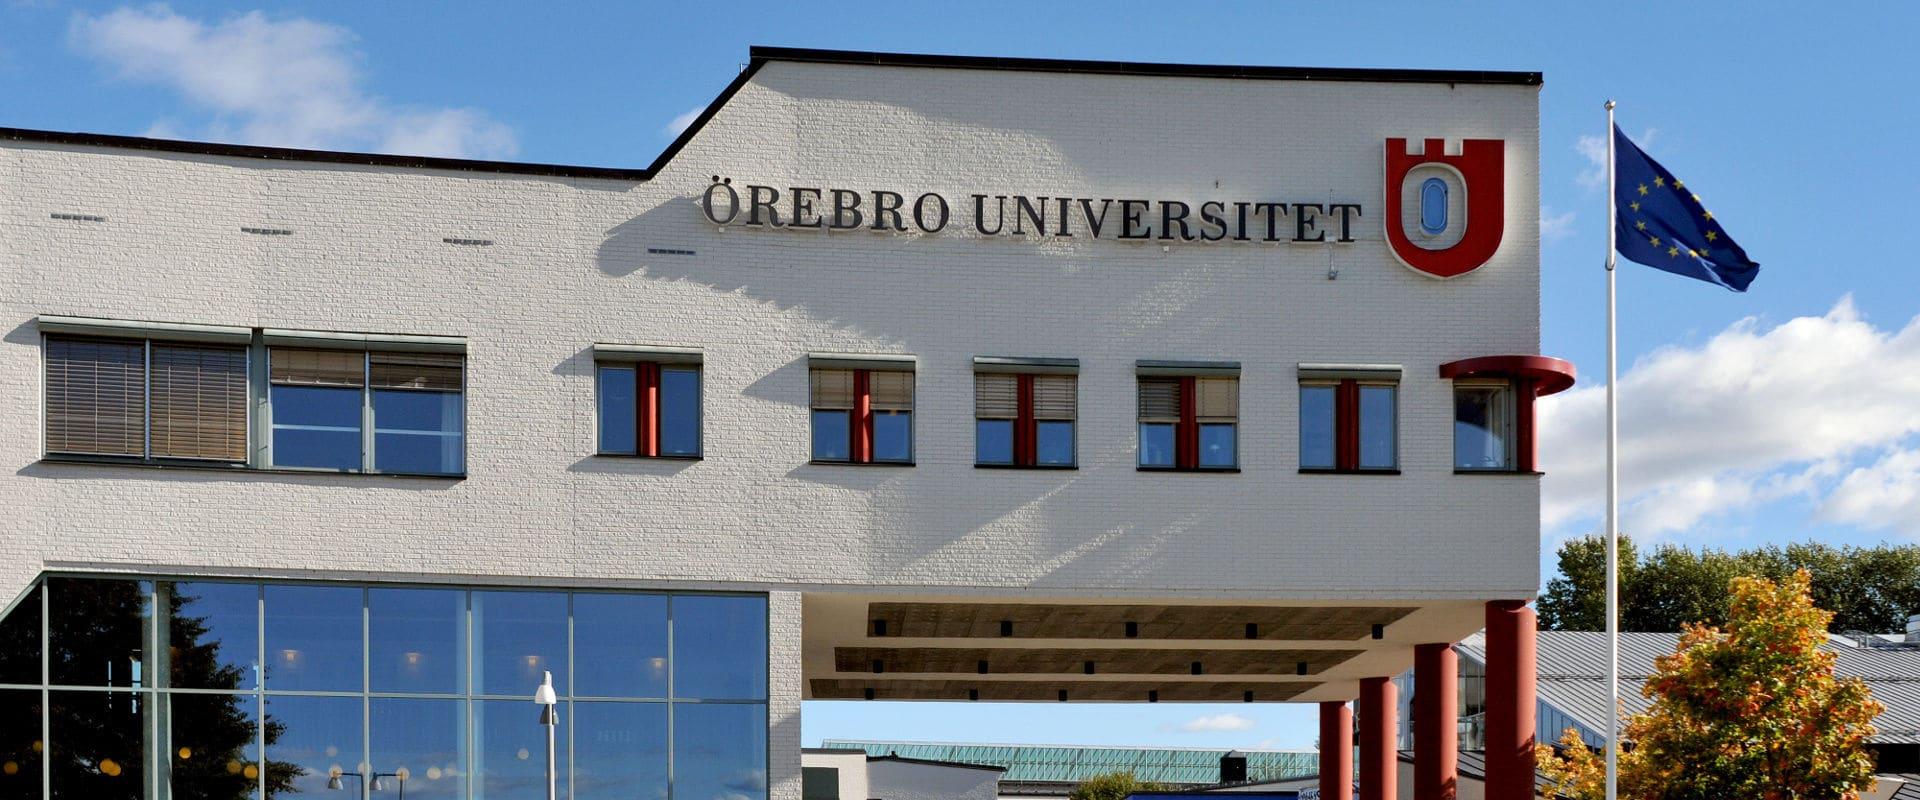 بورسیه دانشگاه اوربرو سوئد